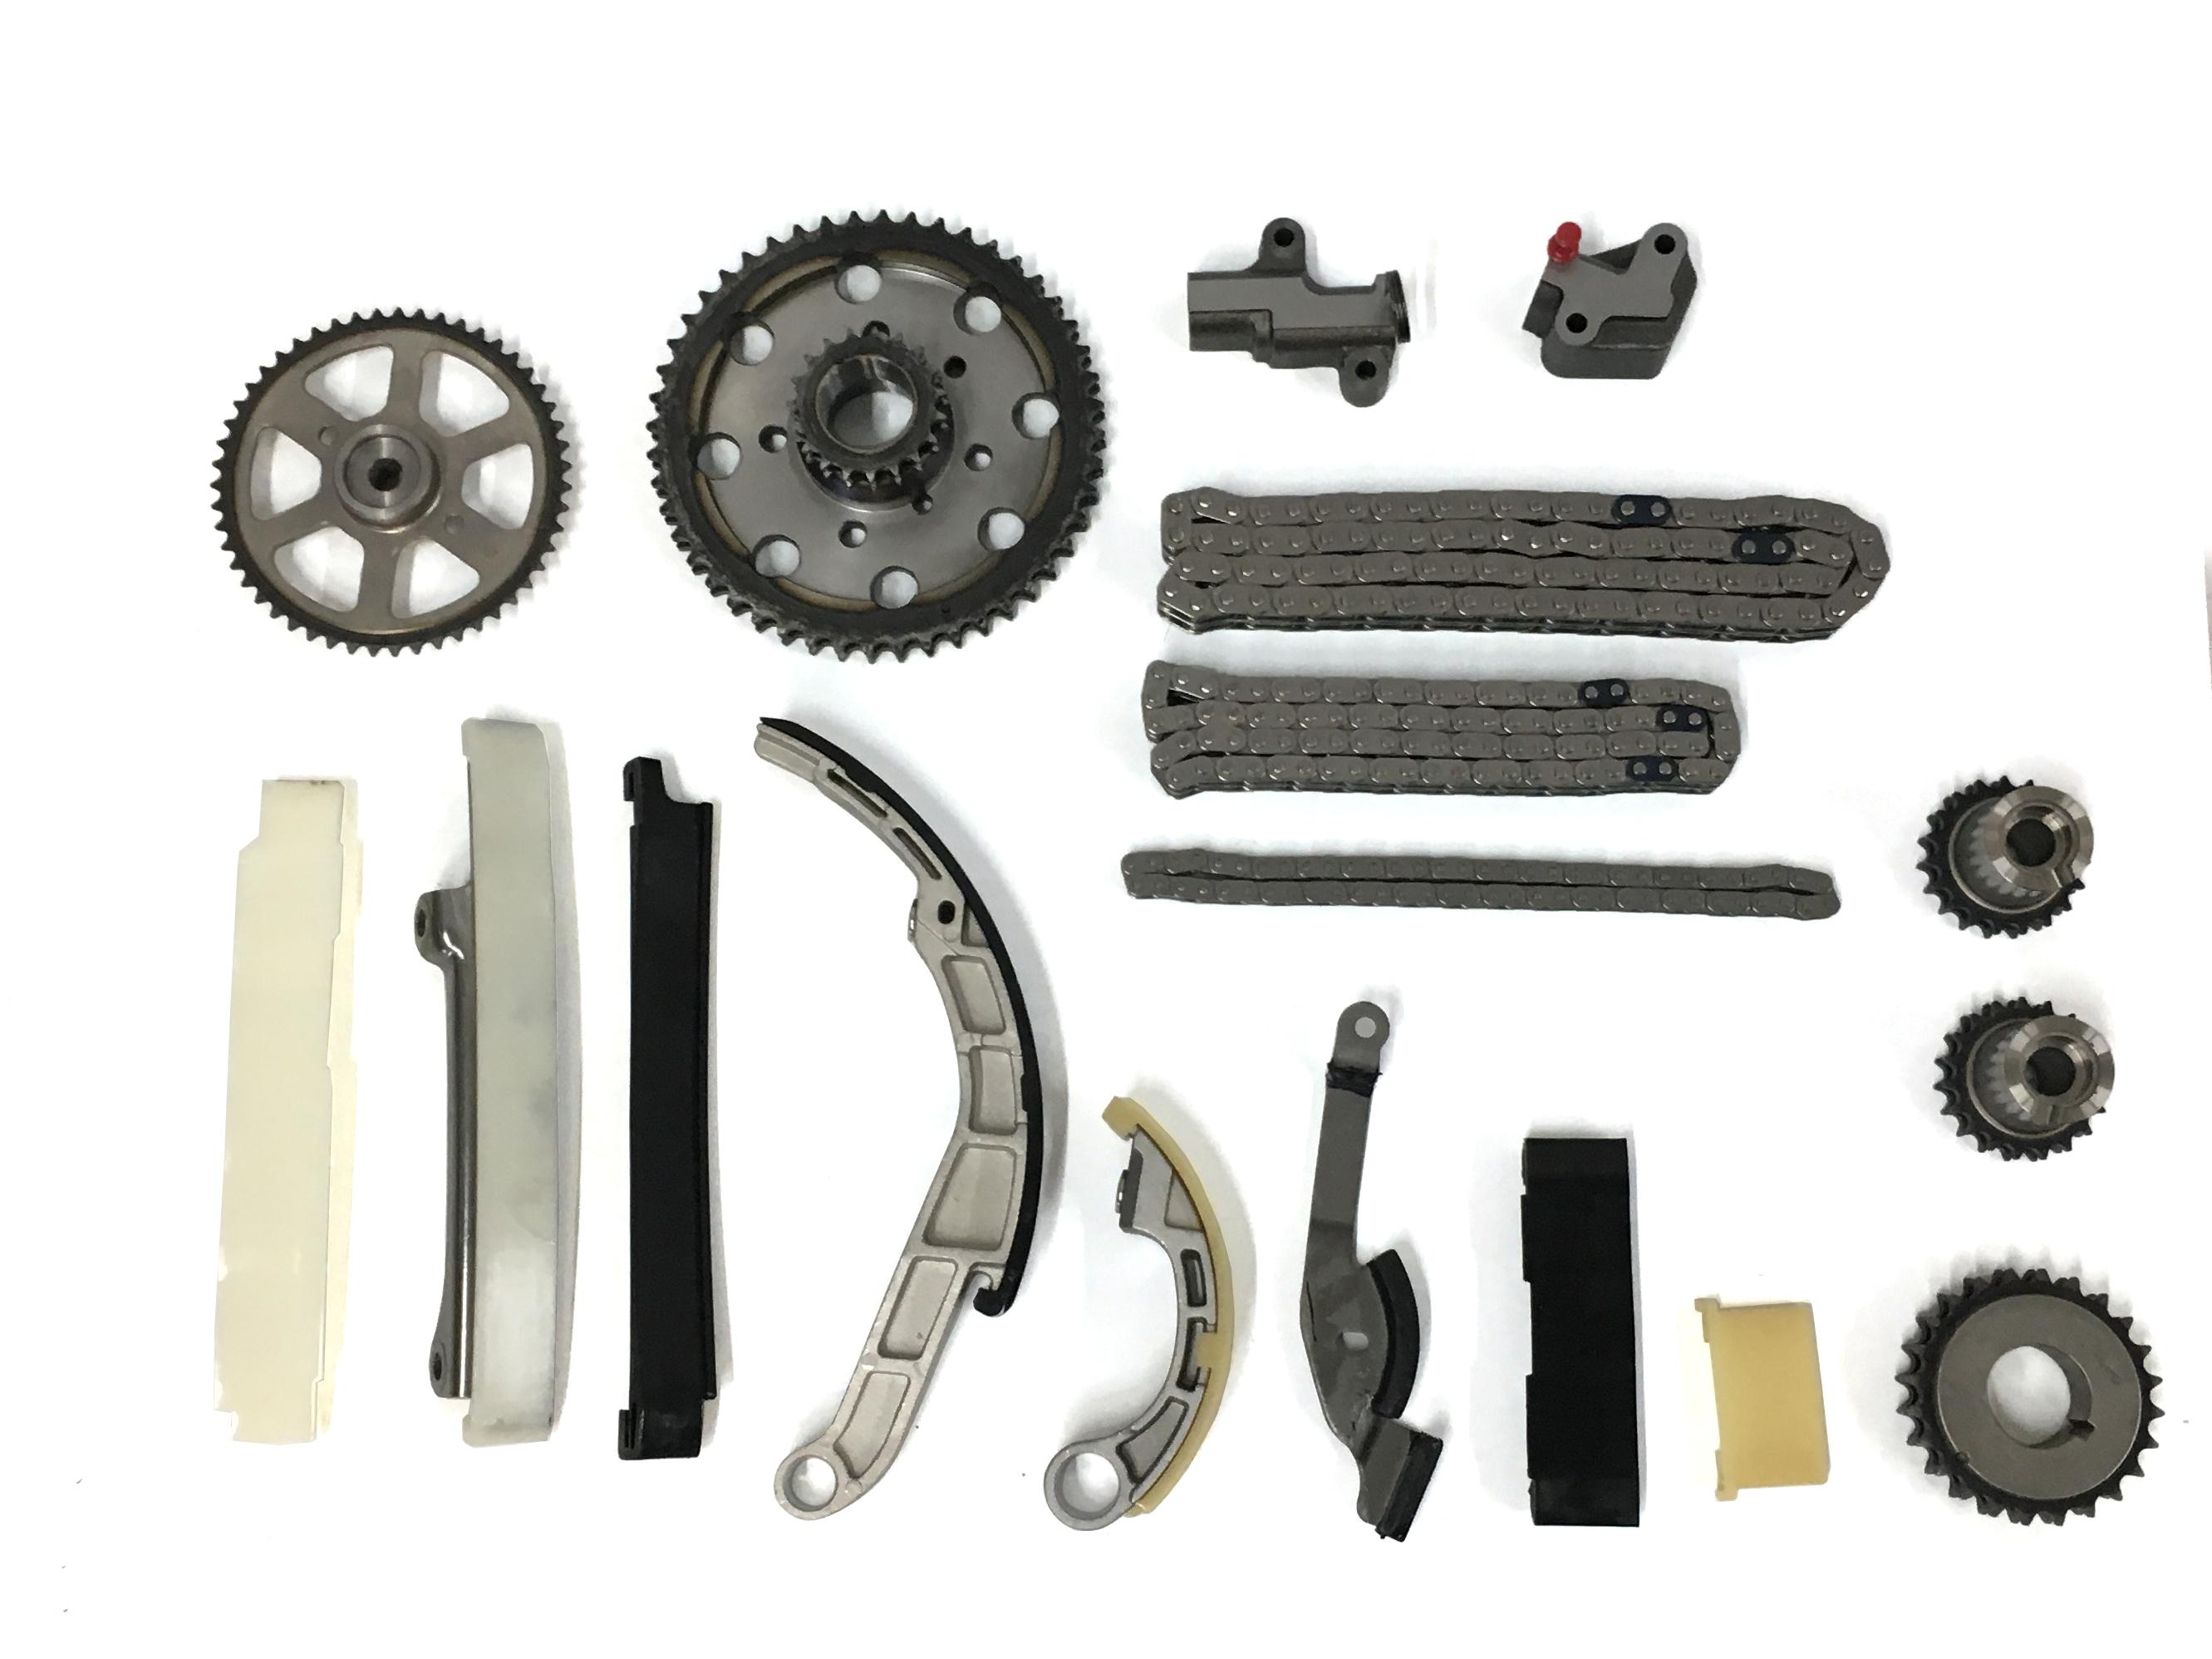 Kit de cadena de distribución juego de cadenas de Nissan Almera dCi YD22DDTI NUEVO